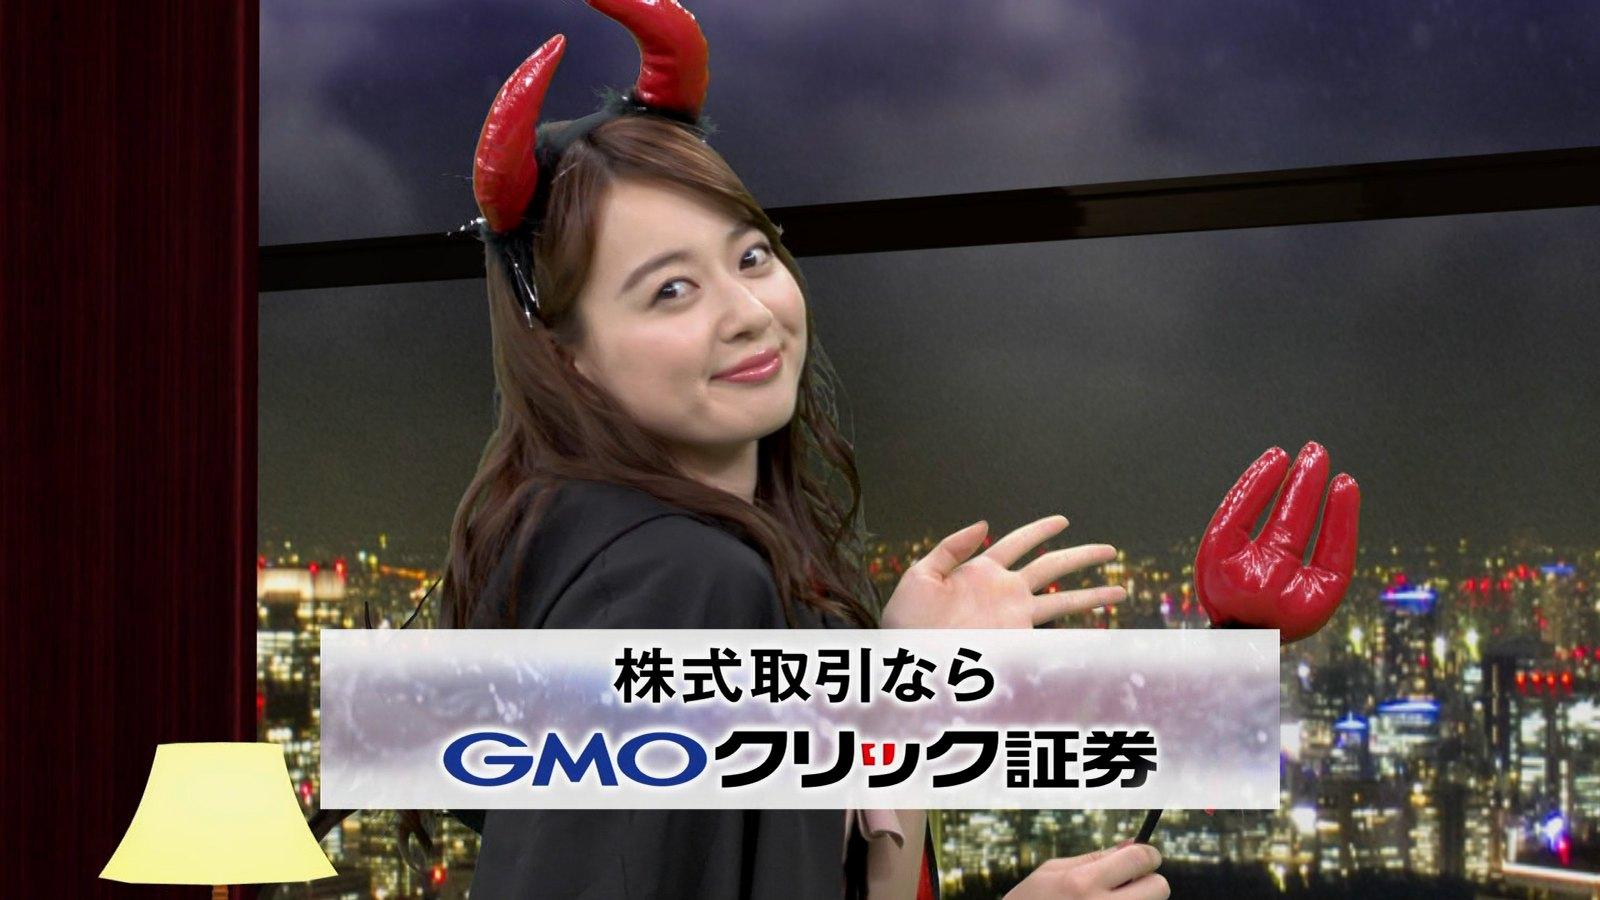 2019年10月8日に放送された「ビジネスクリック」に出演した中城あすかさんのテレビキャプチャー画像-083